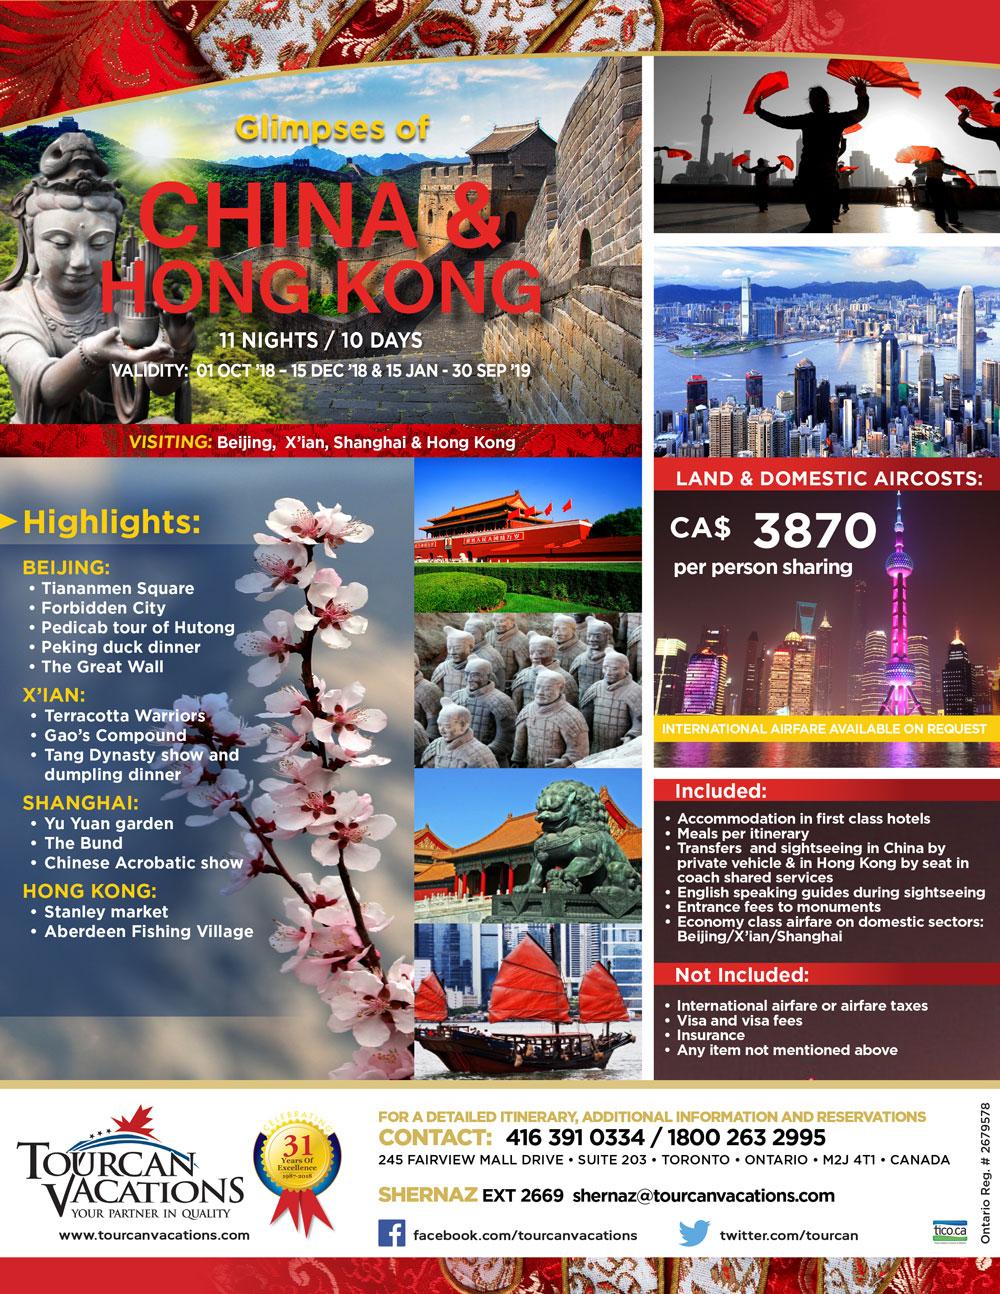 tourcan-2018-asia-china-hong-kong-glimpses-of-WEB